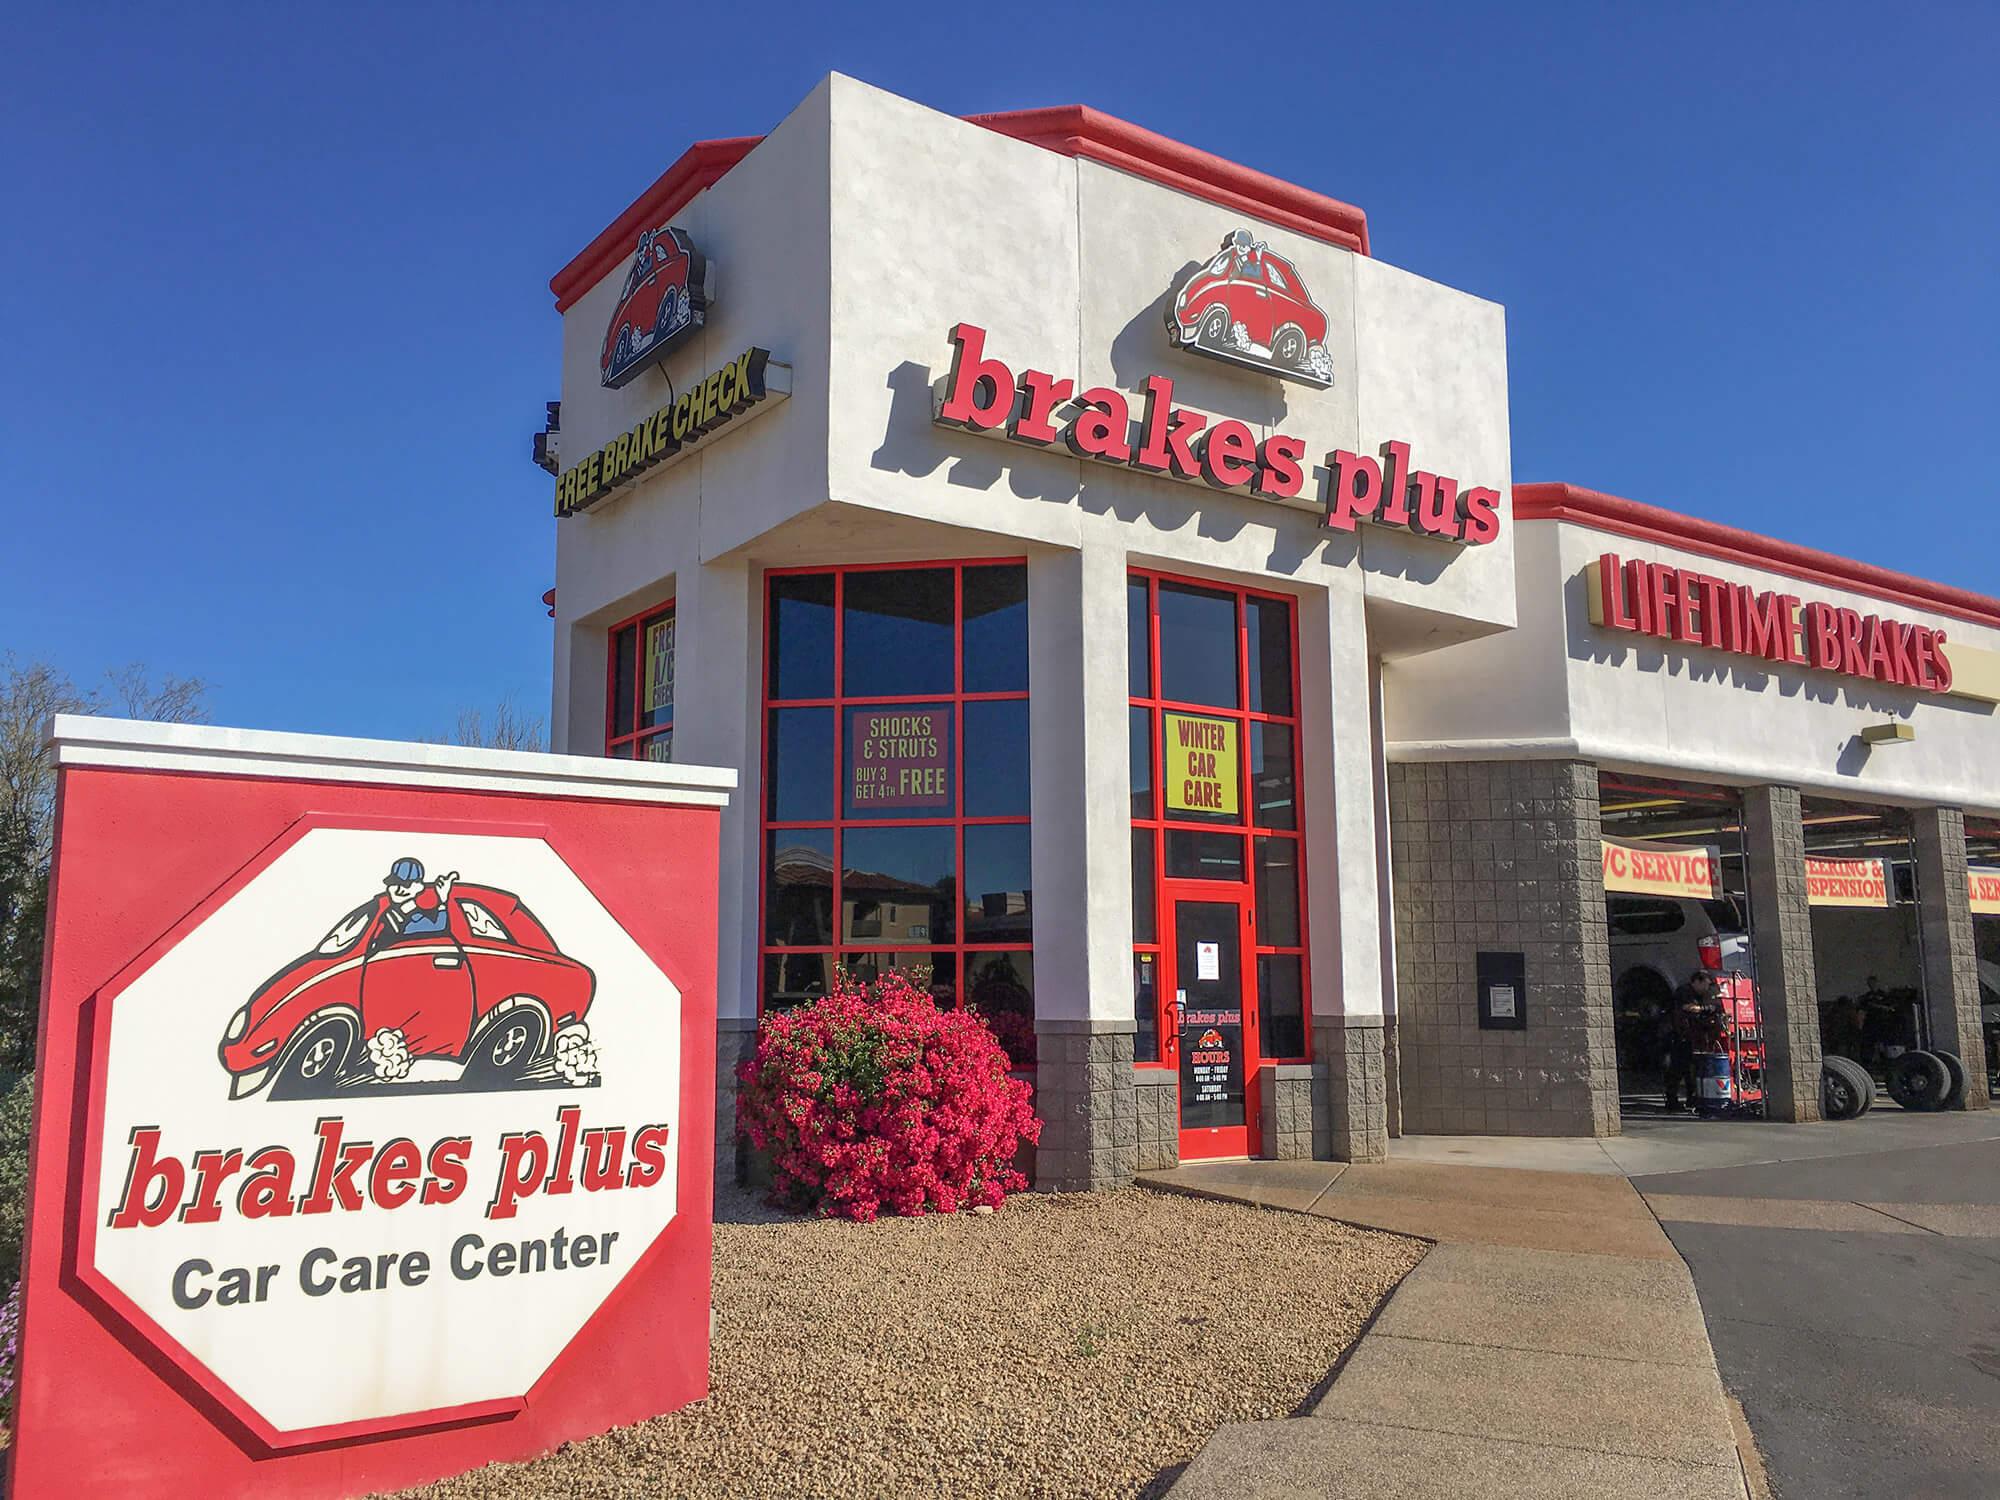 Brakes Plus at Phoenix, AZ - Paradise Valley